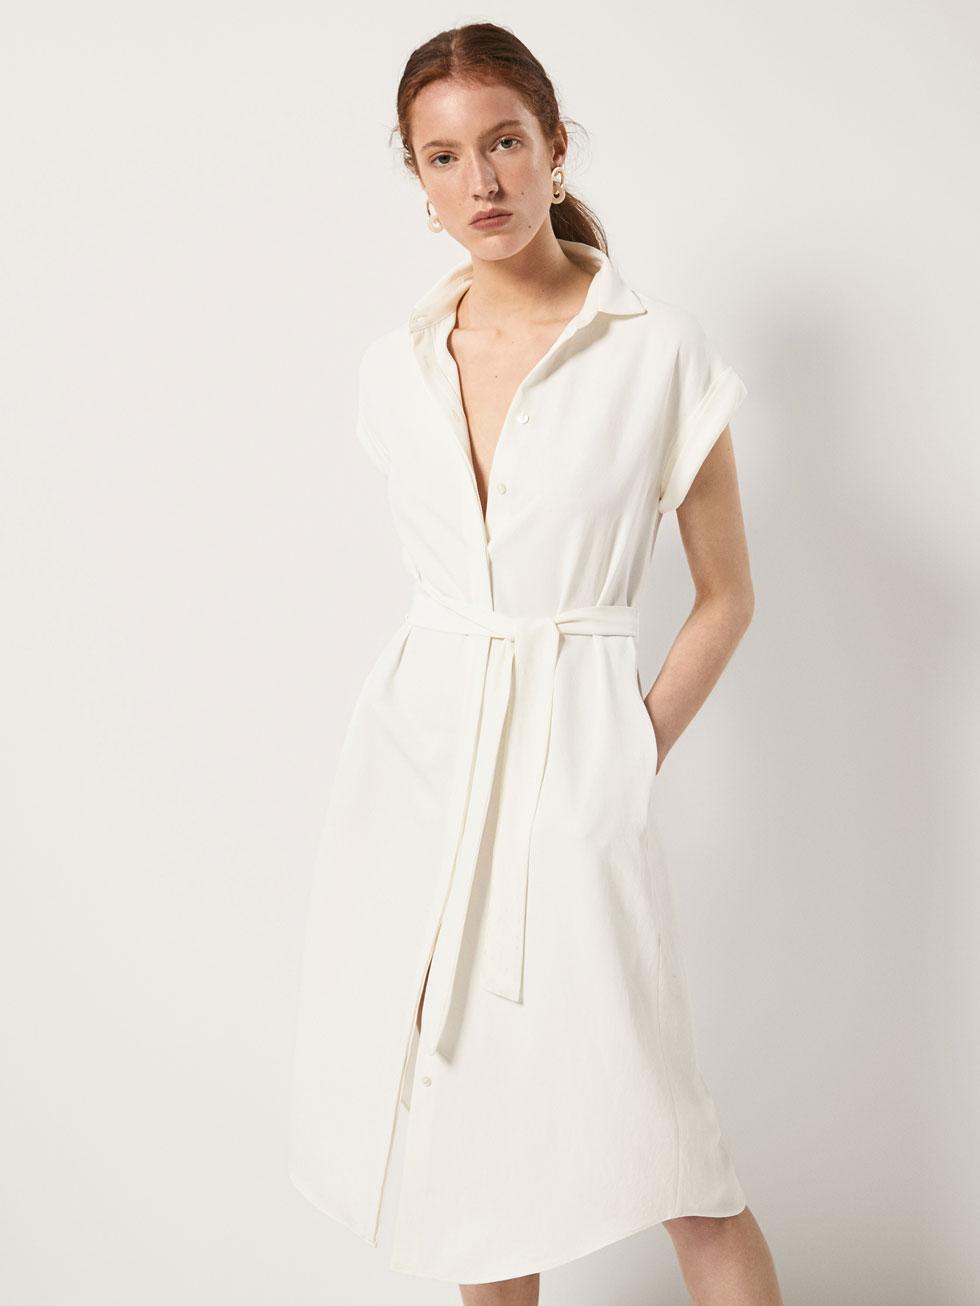 Vestido blanco massimo dutti 2018